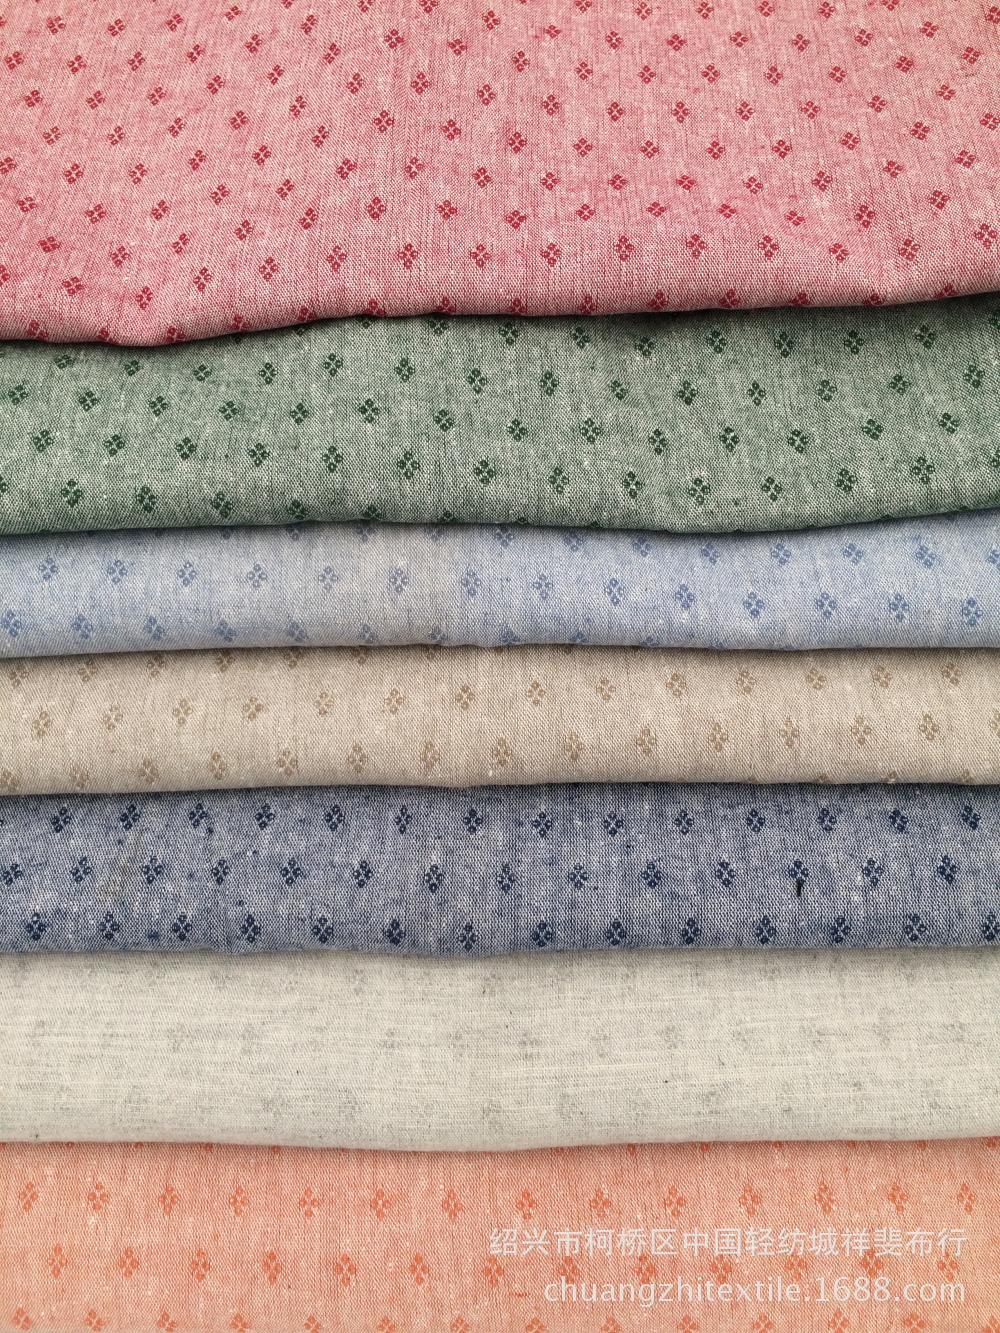 Bông Jacquard sợi giày vật liệu Hat Blend vải Polyester bông Amoy điểm vải Nantong sợi